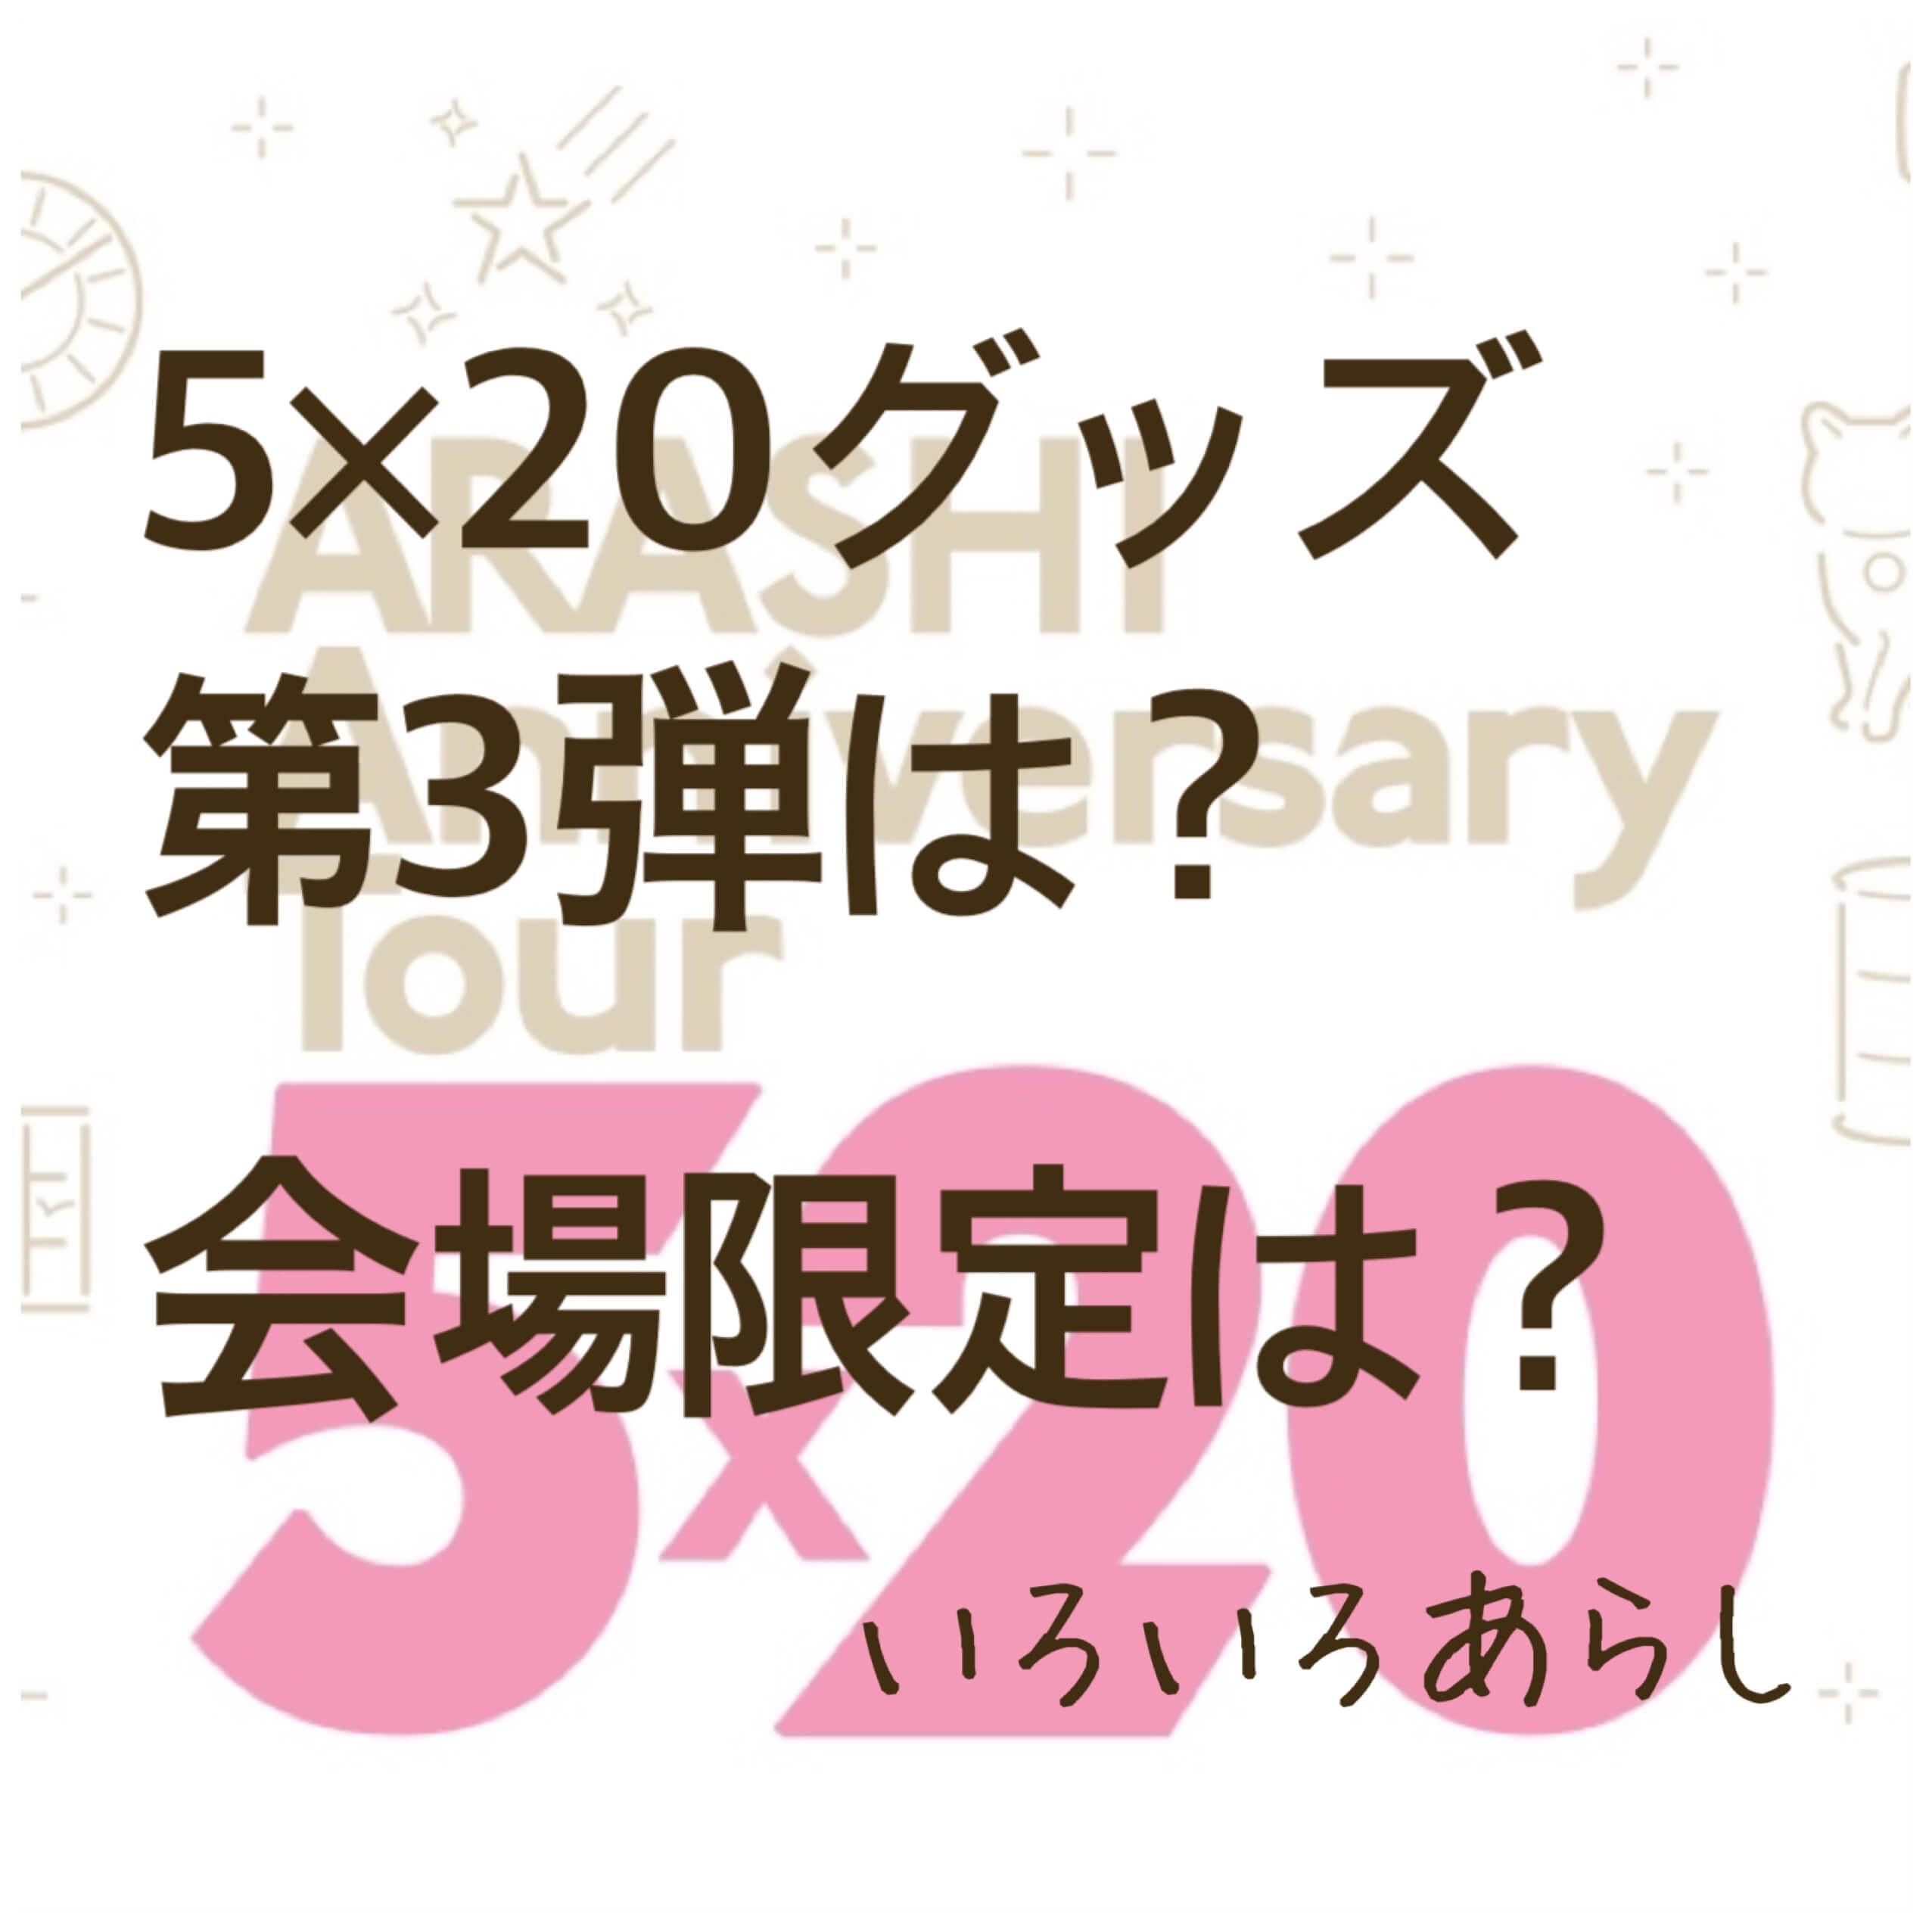 ライブ 20 嵐 5